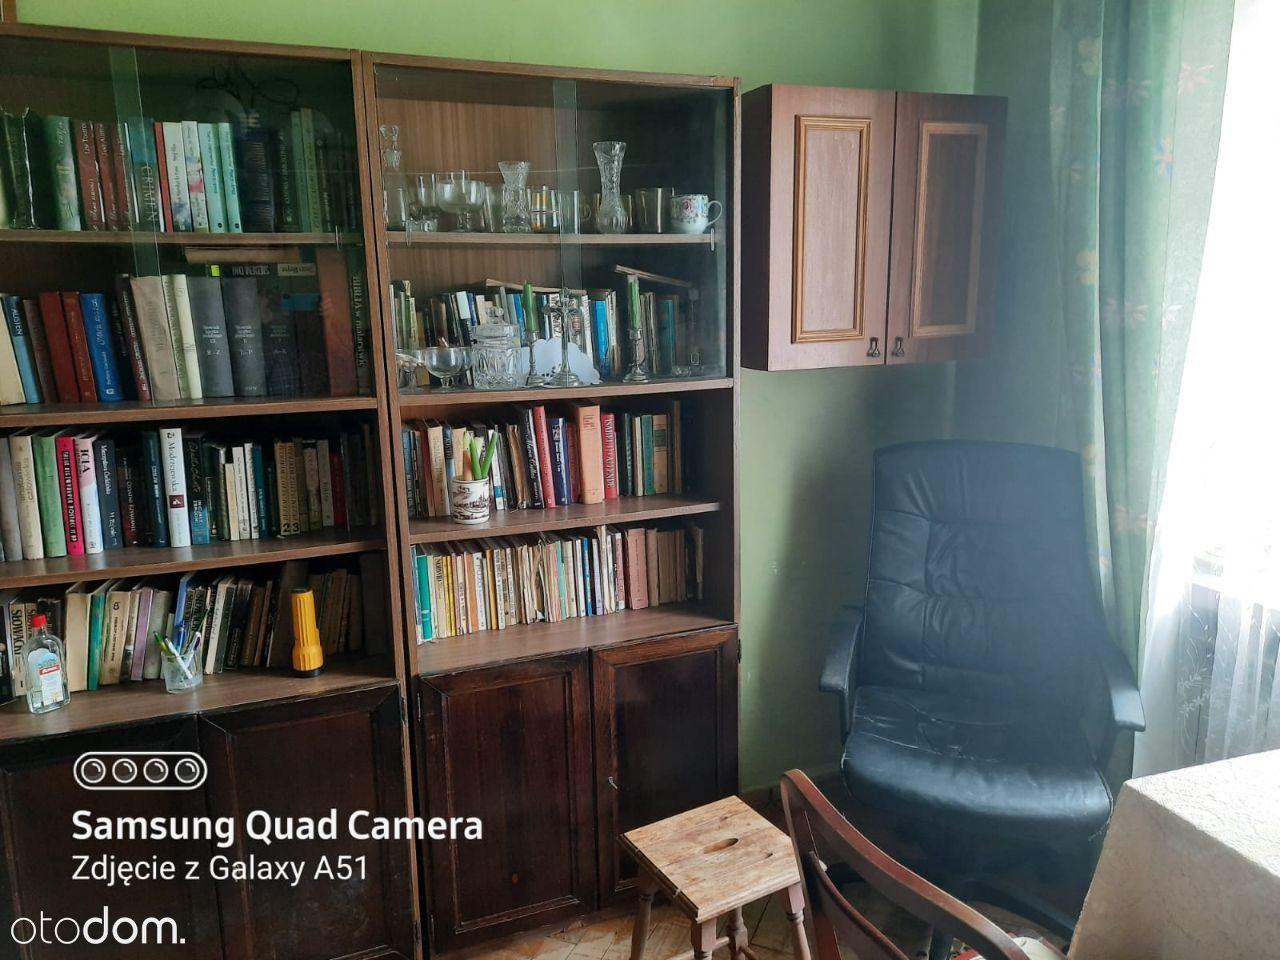 Mieszkanie 32 mkw, ul Sosnkowskiego, 1300 + opłaty